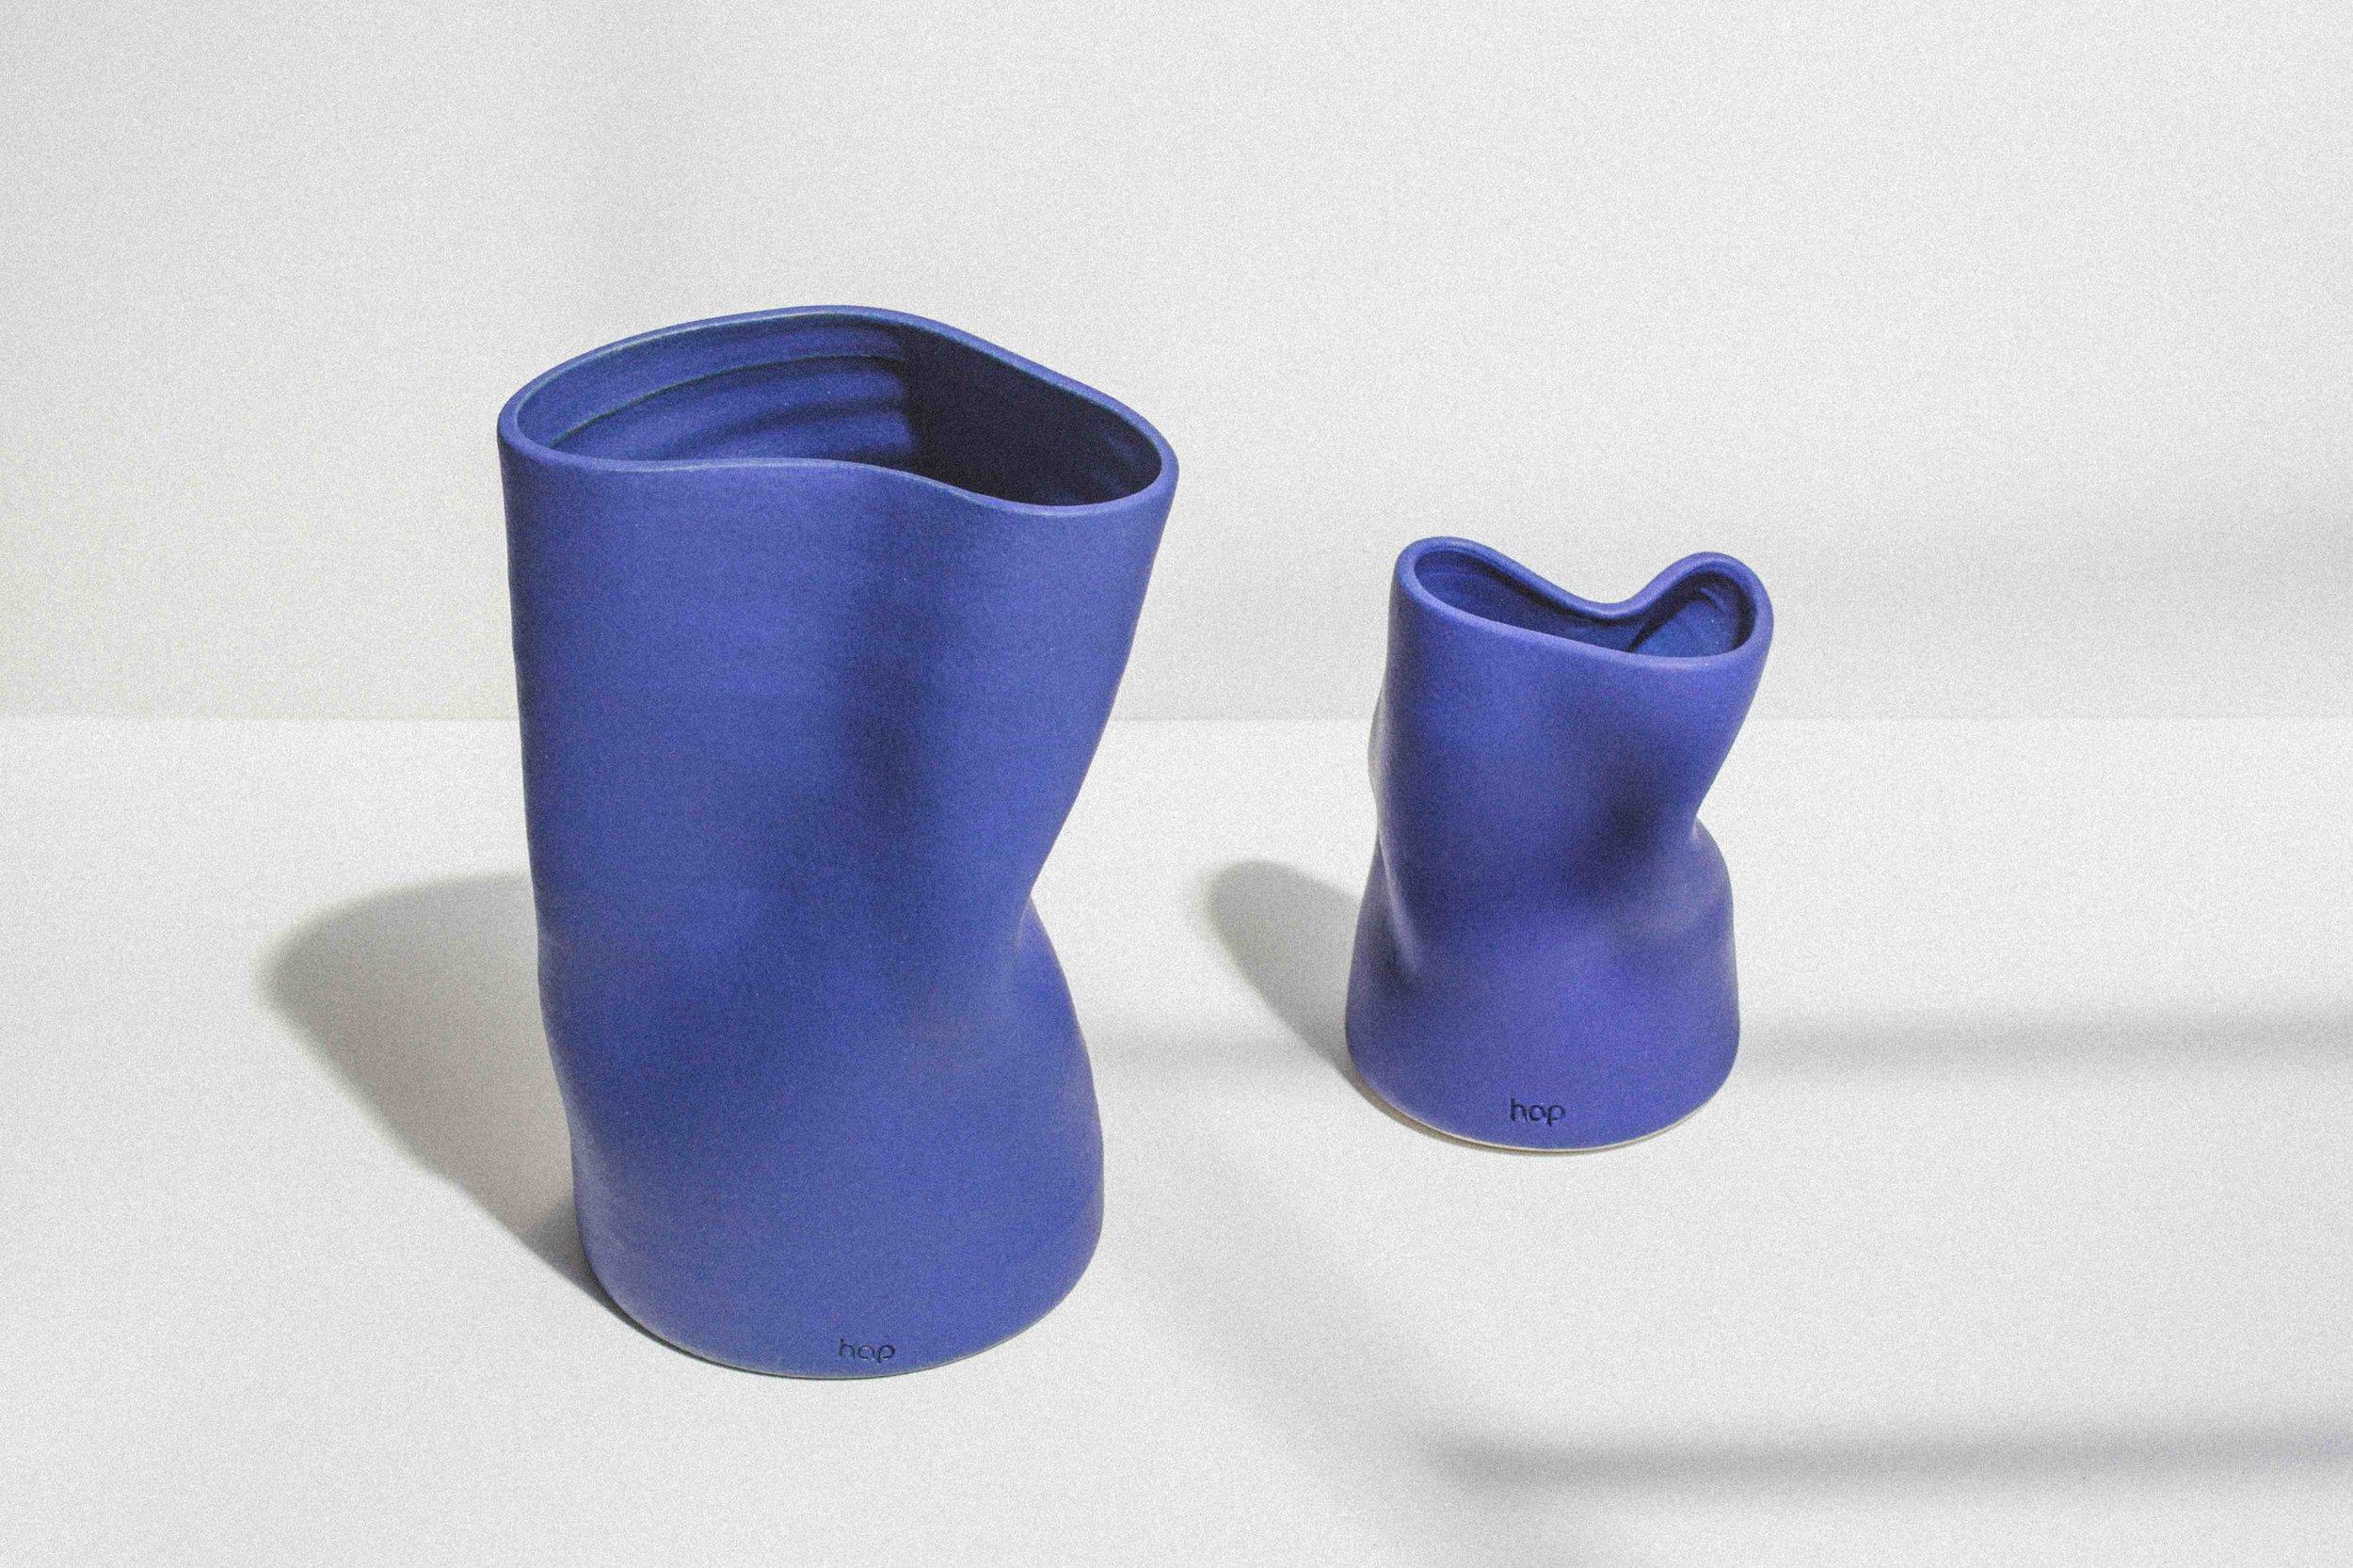 hap_Maxi Hoffmann_Düsseldorf_Keramik_Vase_Ceramics_Handgemacht_Kunst_Geschenk_Interior_Design.jpg